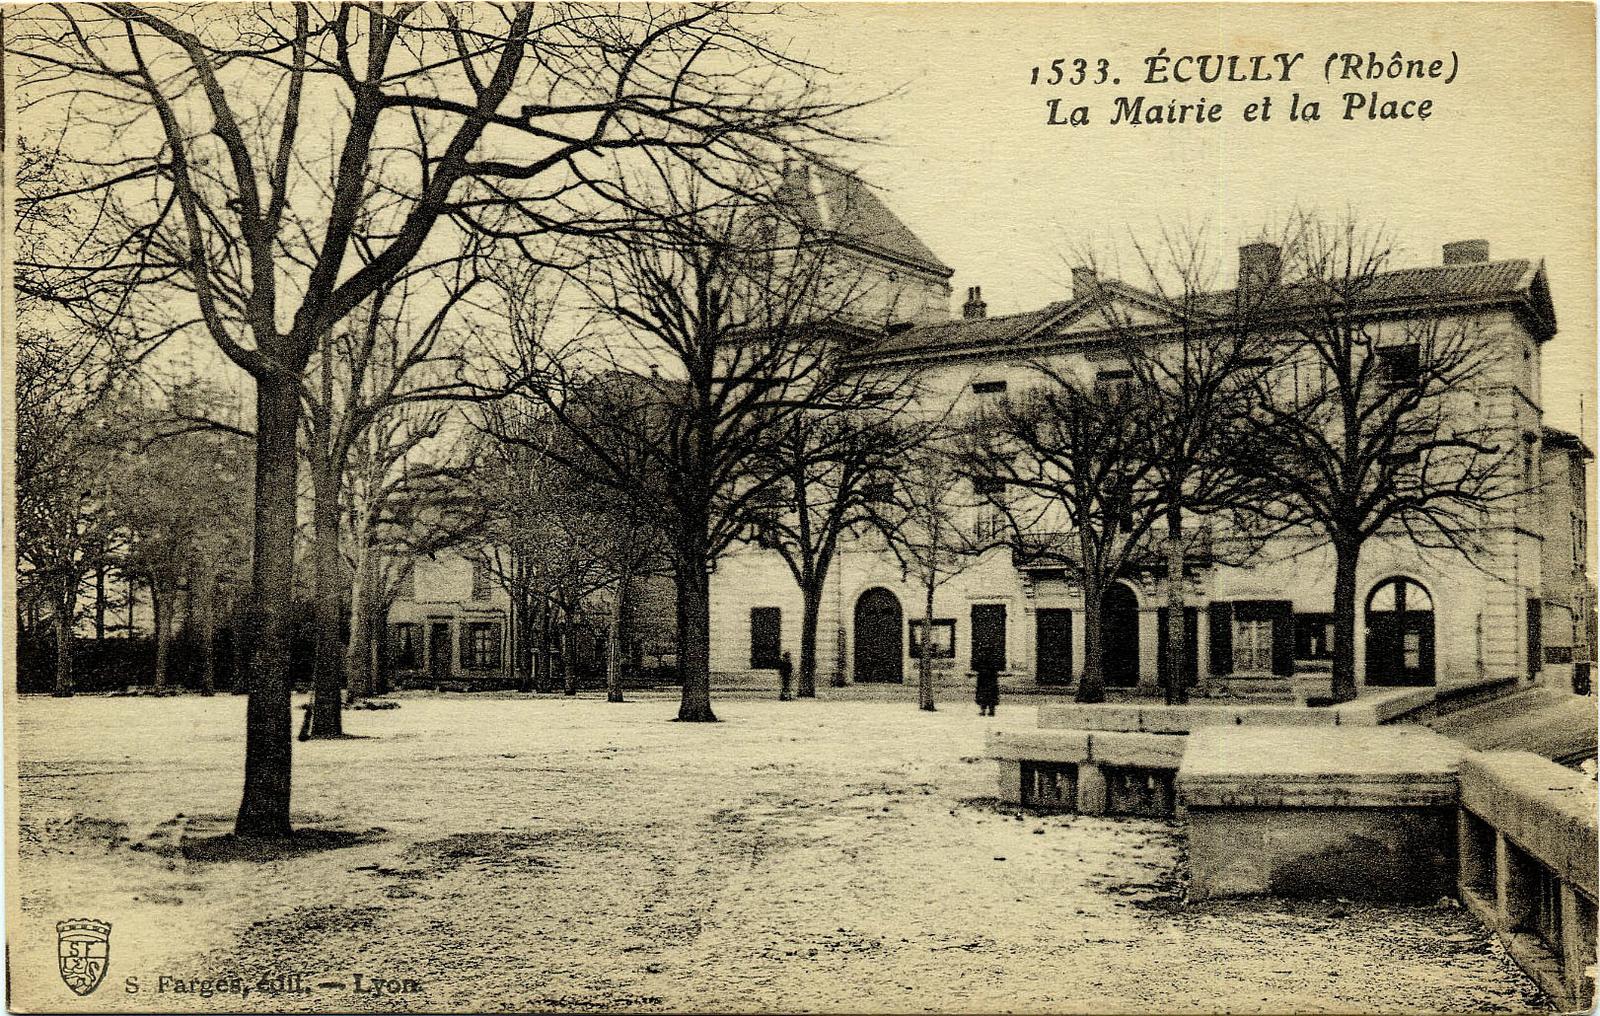 Ecully - Ecully, la Mairie et la Place